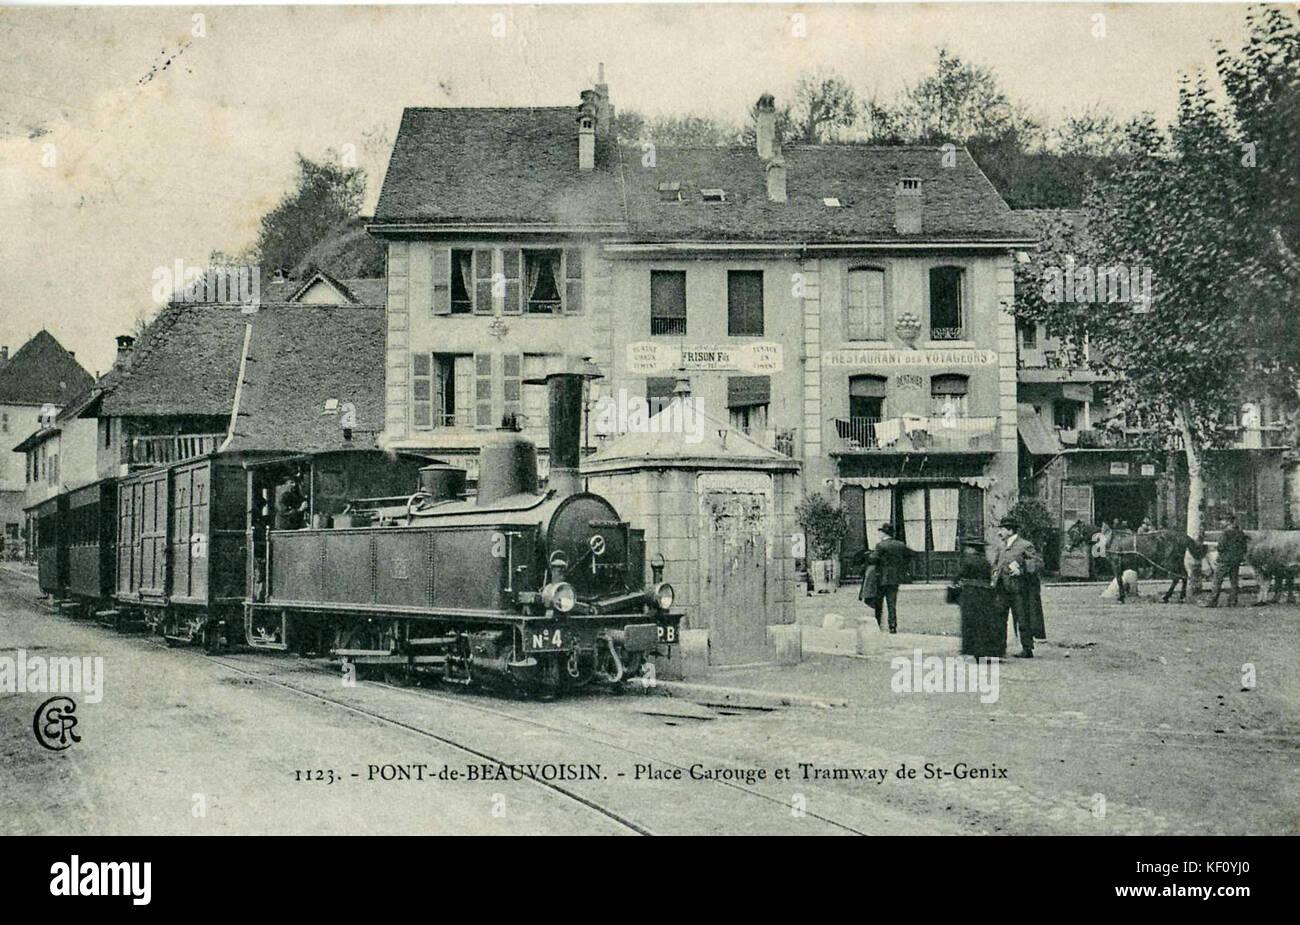 ER 1123 PONT DE BEAUVOISIN Lieu Carouge et Tramway de St Genix Banque D'Images